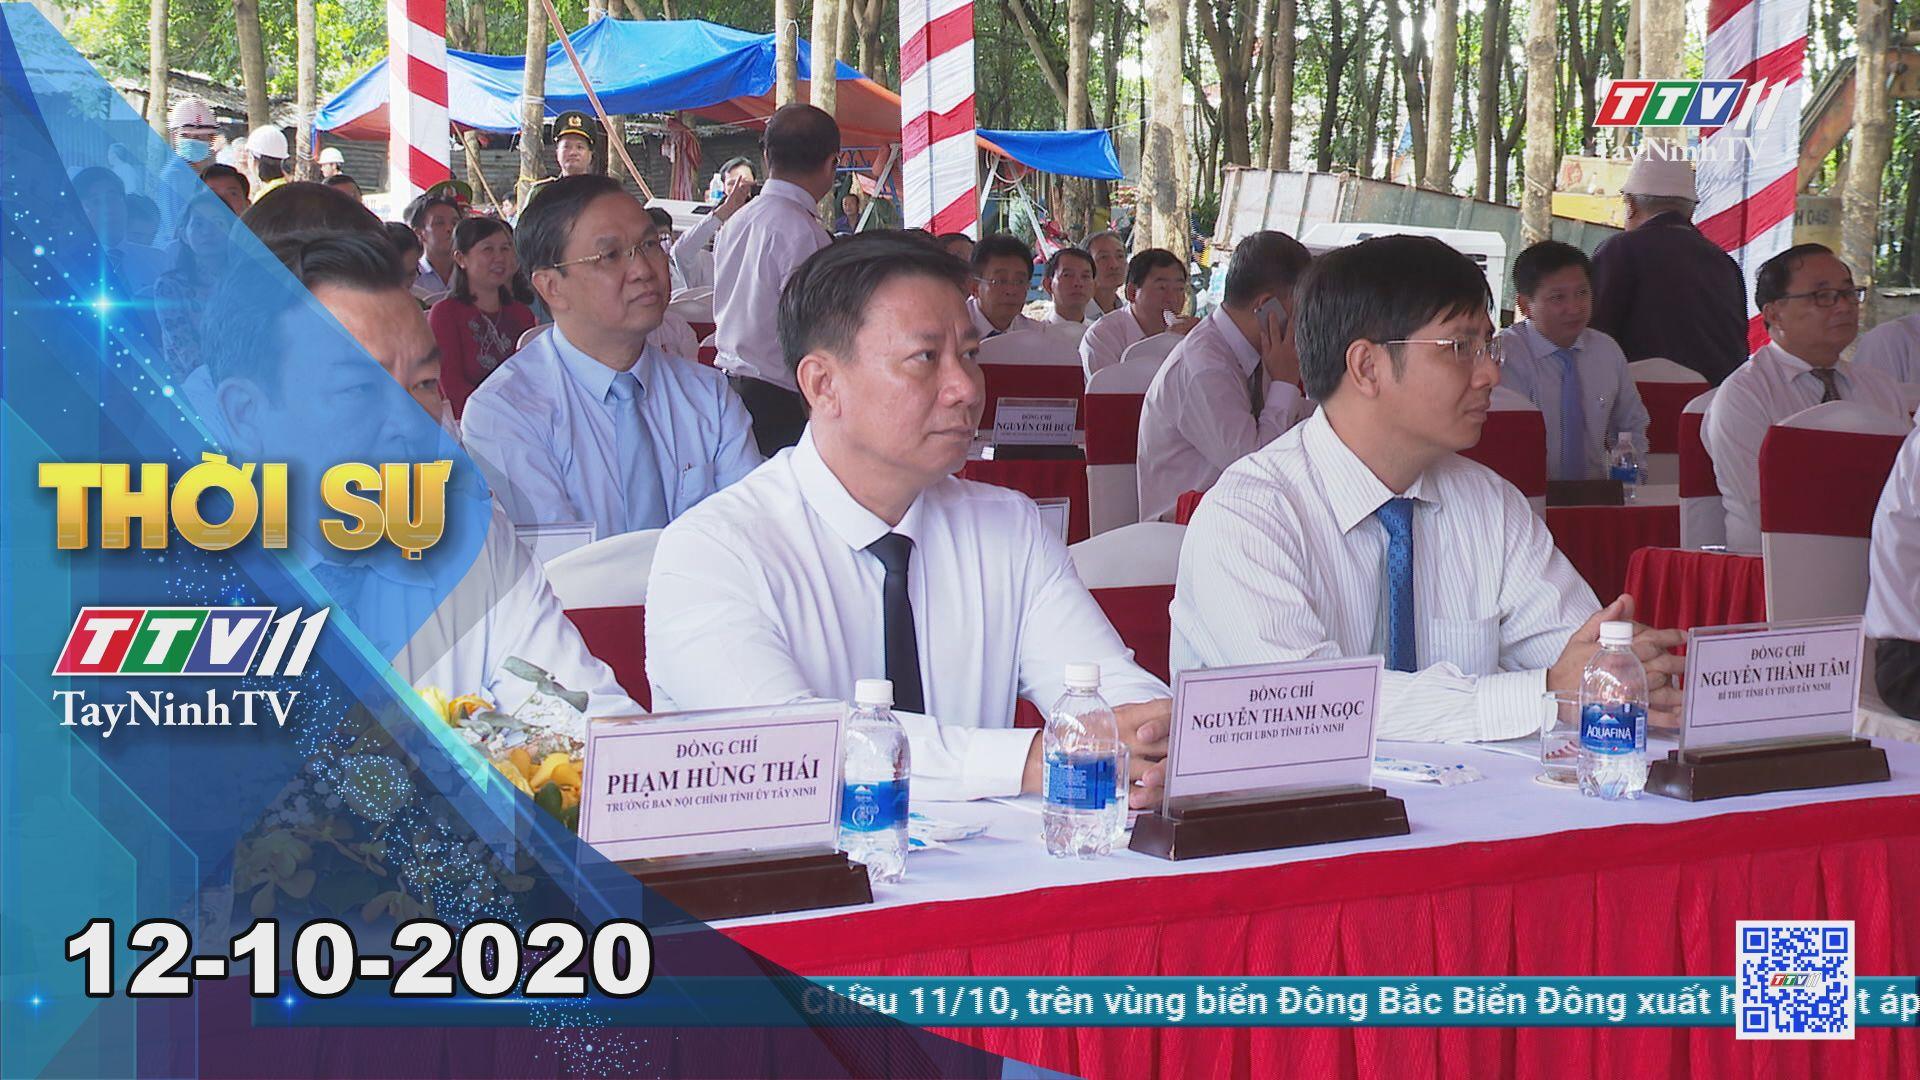 Thời sự Tây Ninh 12-10-2020 | Tin tức hôm nay | TayNinhTV